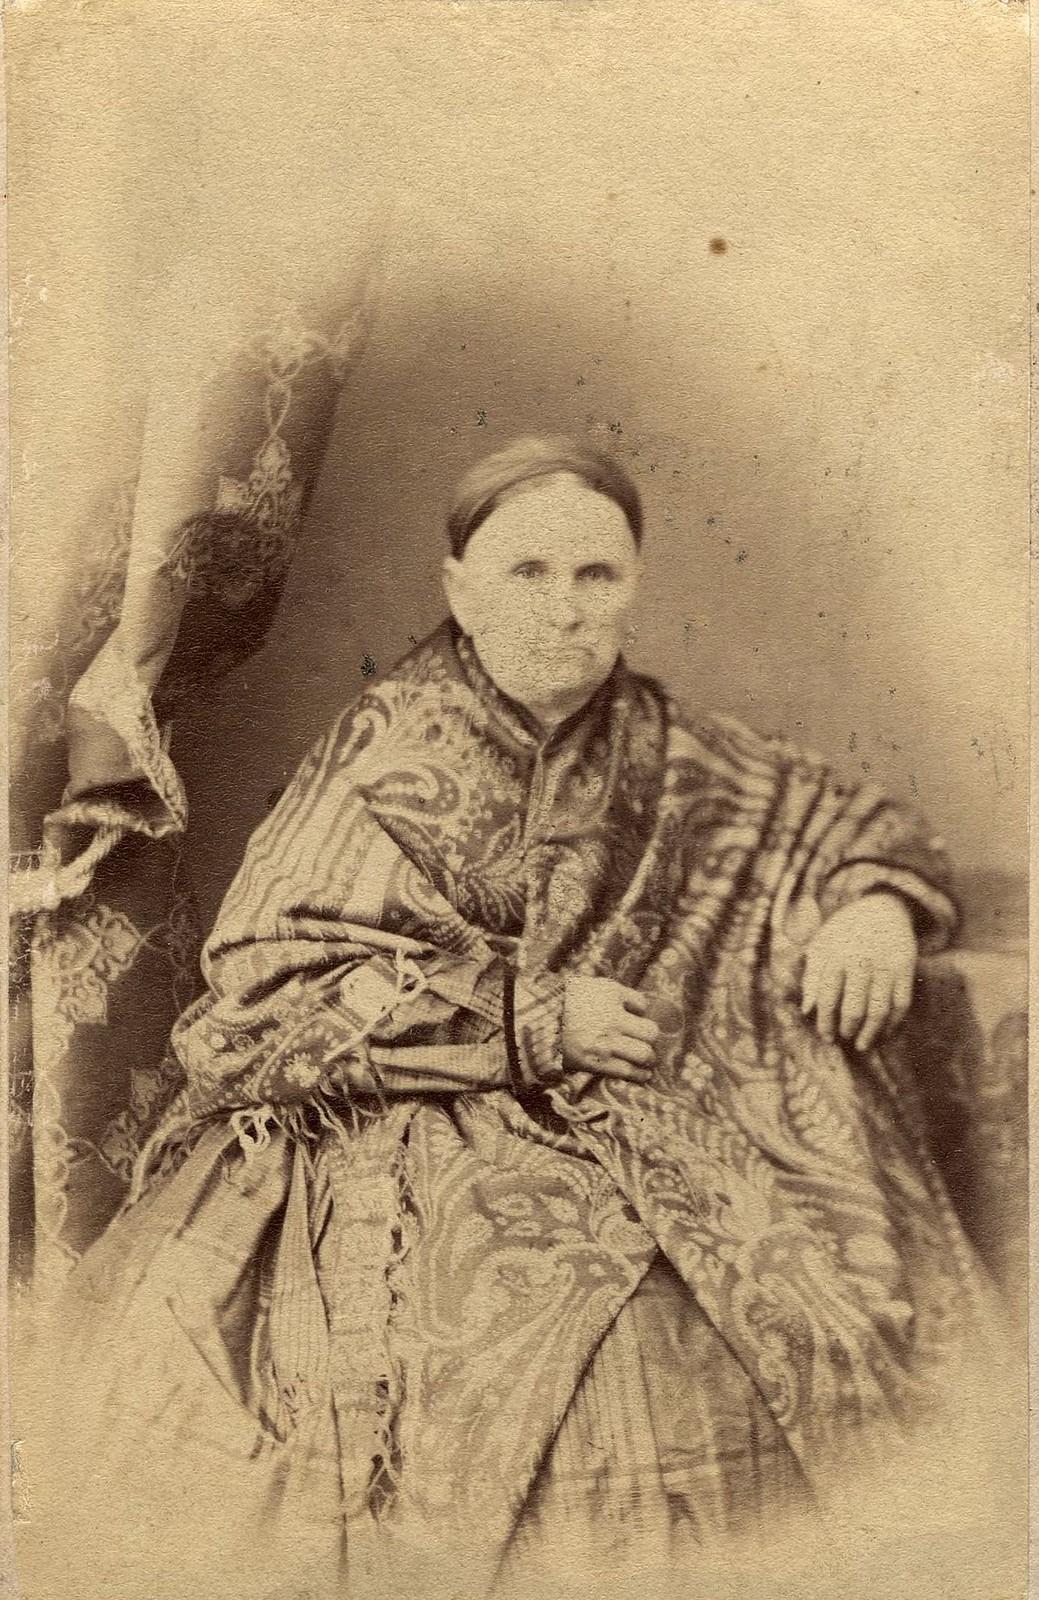 Ларионова Агрипина Константиновна - жена купца И.П. Ларионова. 1860-е